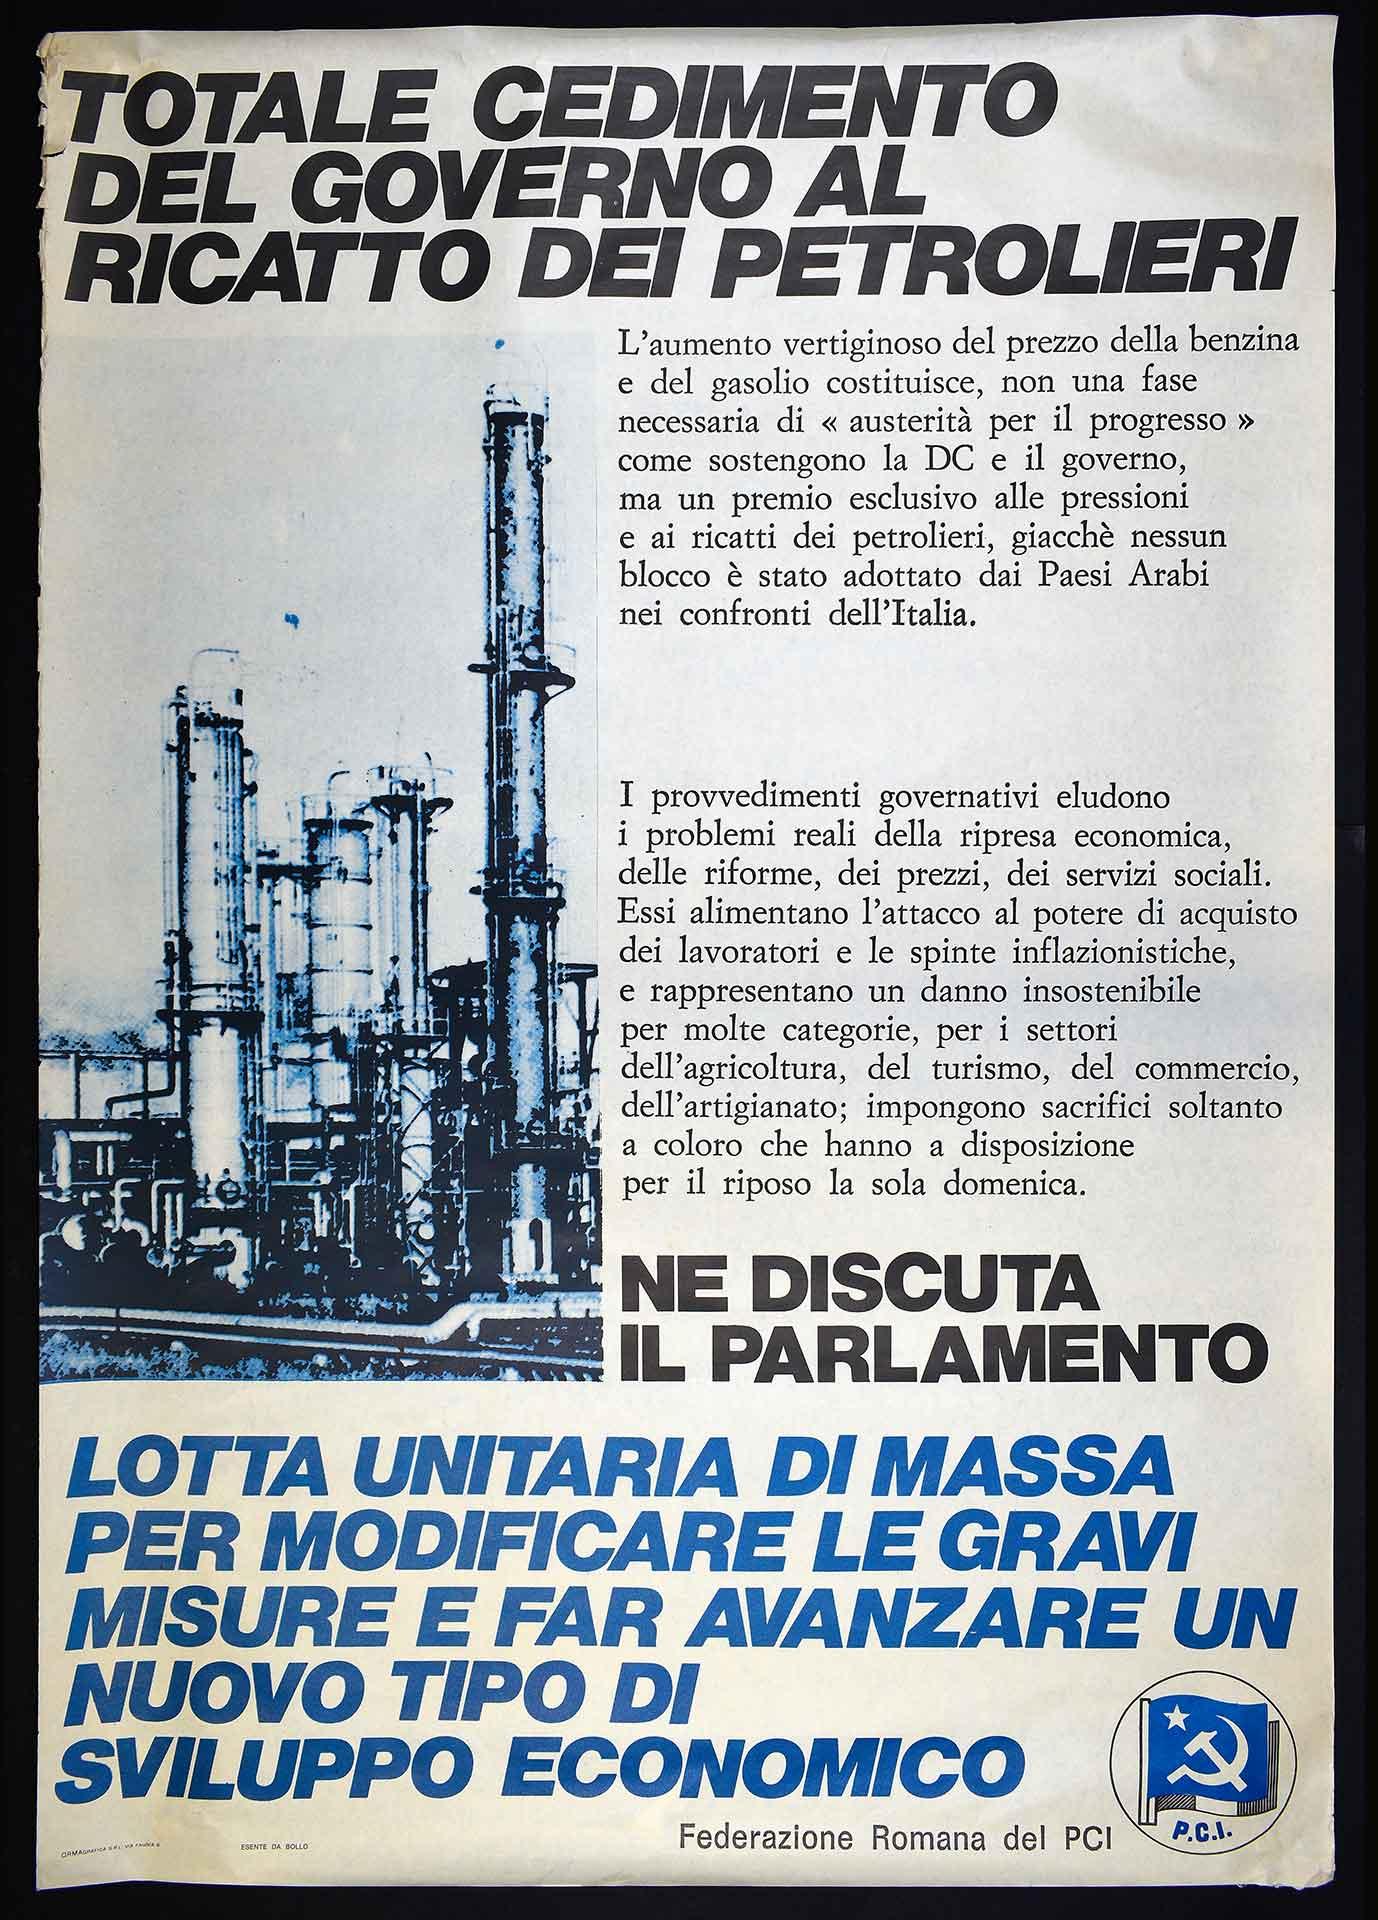 Il Partito comunista italiano (PCI) contro le misure di austerità prese in seguito alla crisi petrolifera del 1973. Stampa Formagrafica, Roma. Comunicazione di partito.